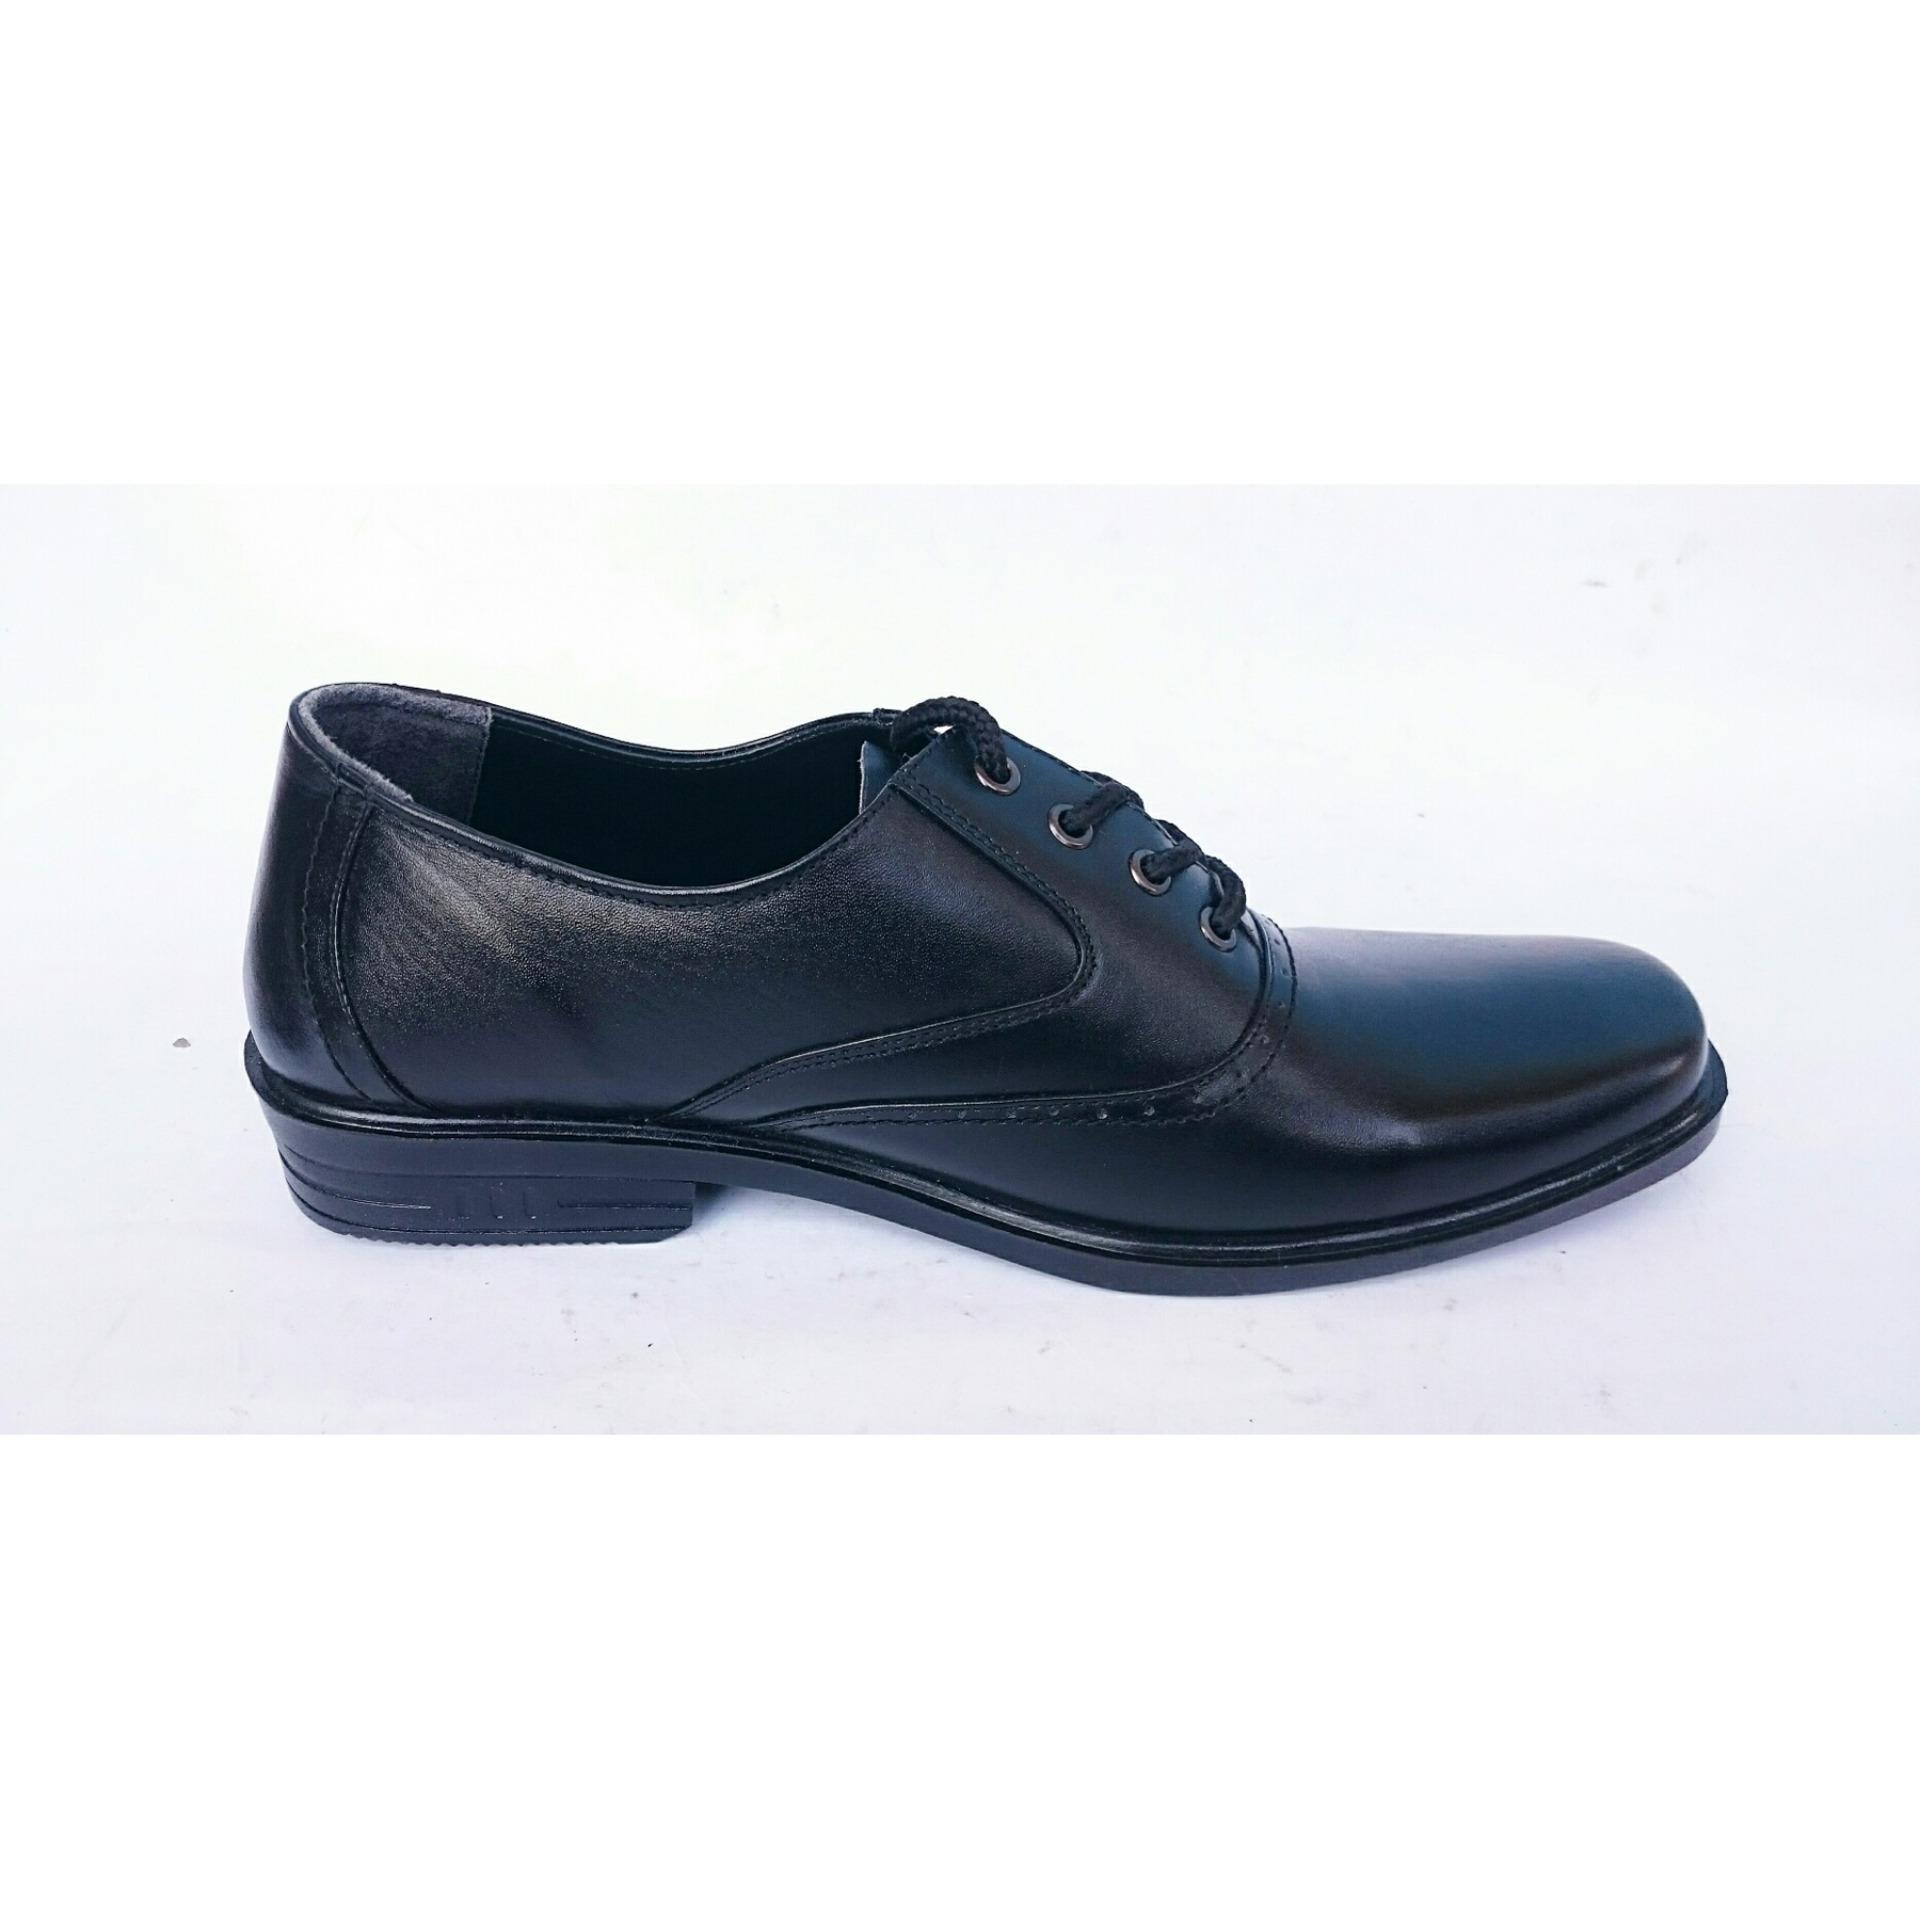 Sepatu Pantofel Pria Kulit Asli Raheda K 02 Big Size - Daftar Harga ... 3aec3404da